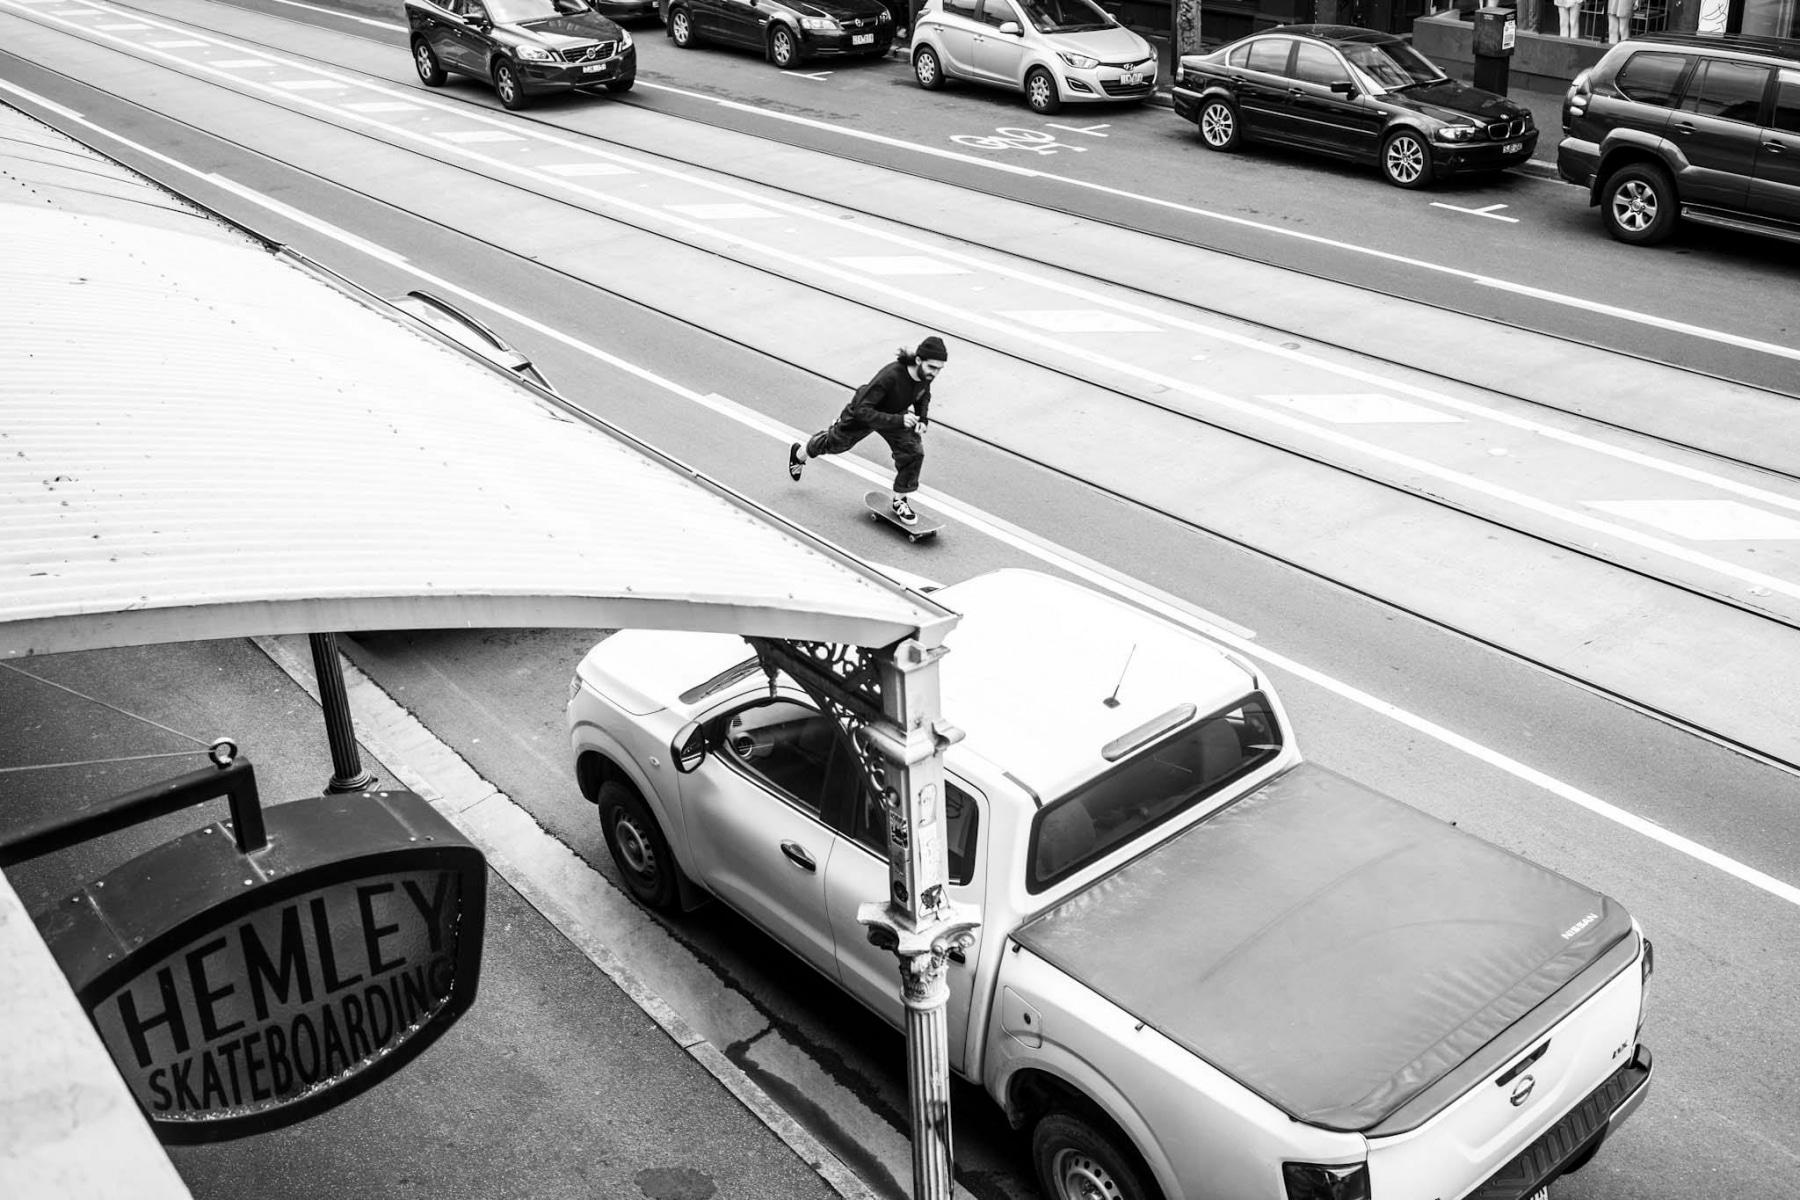 hemley skateboarding